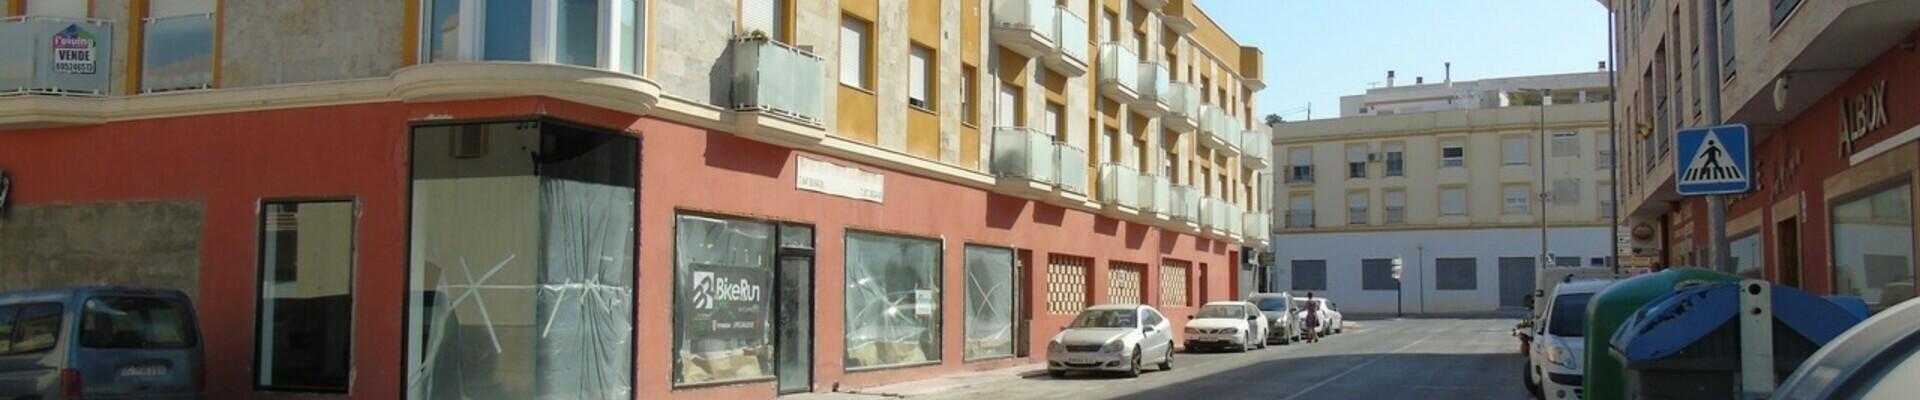 AF631: Commercial Property for Sale